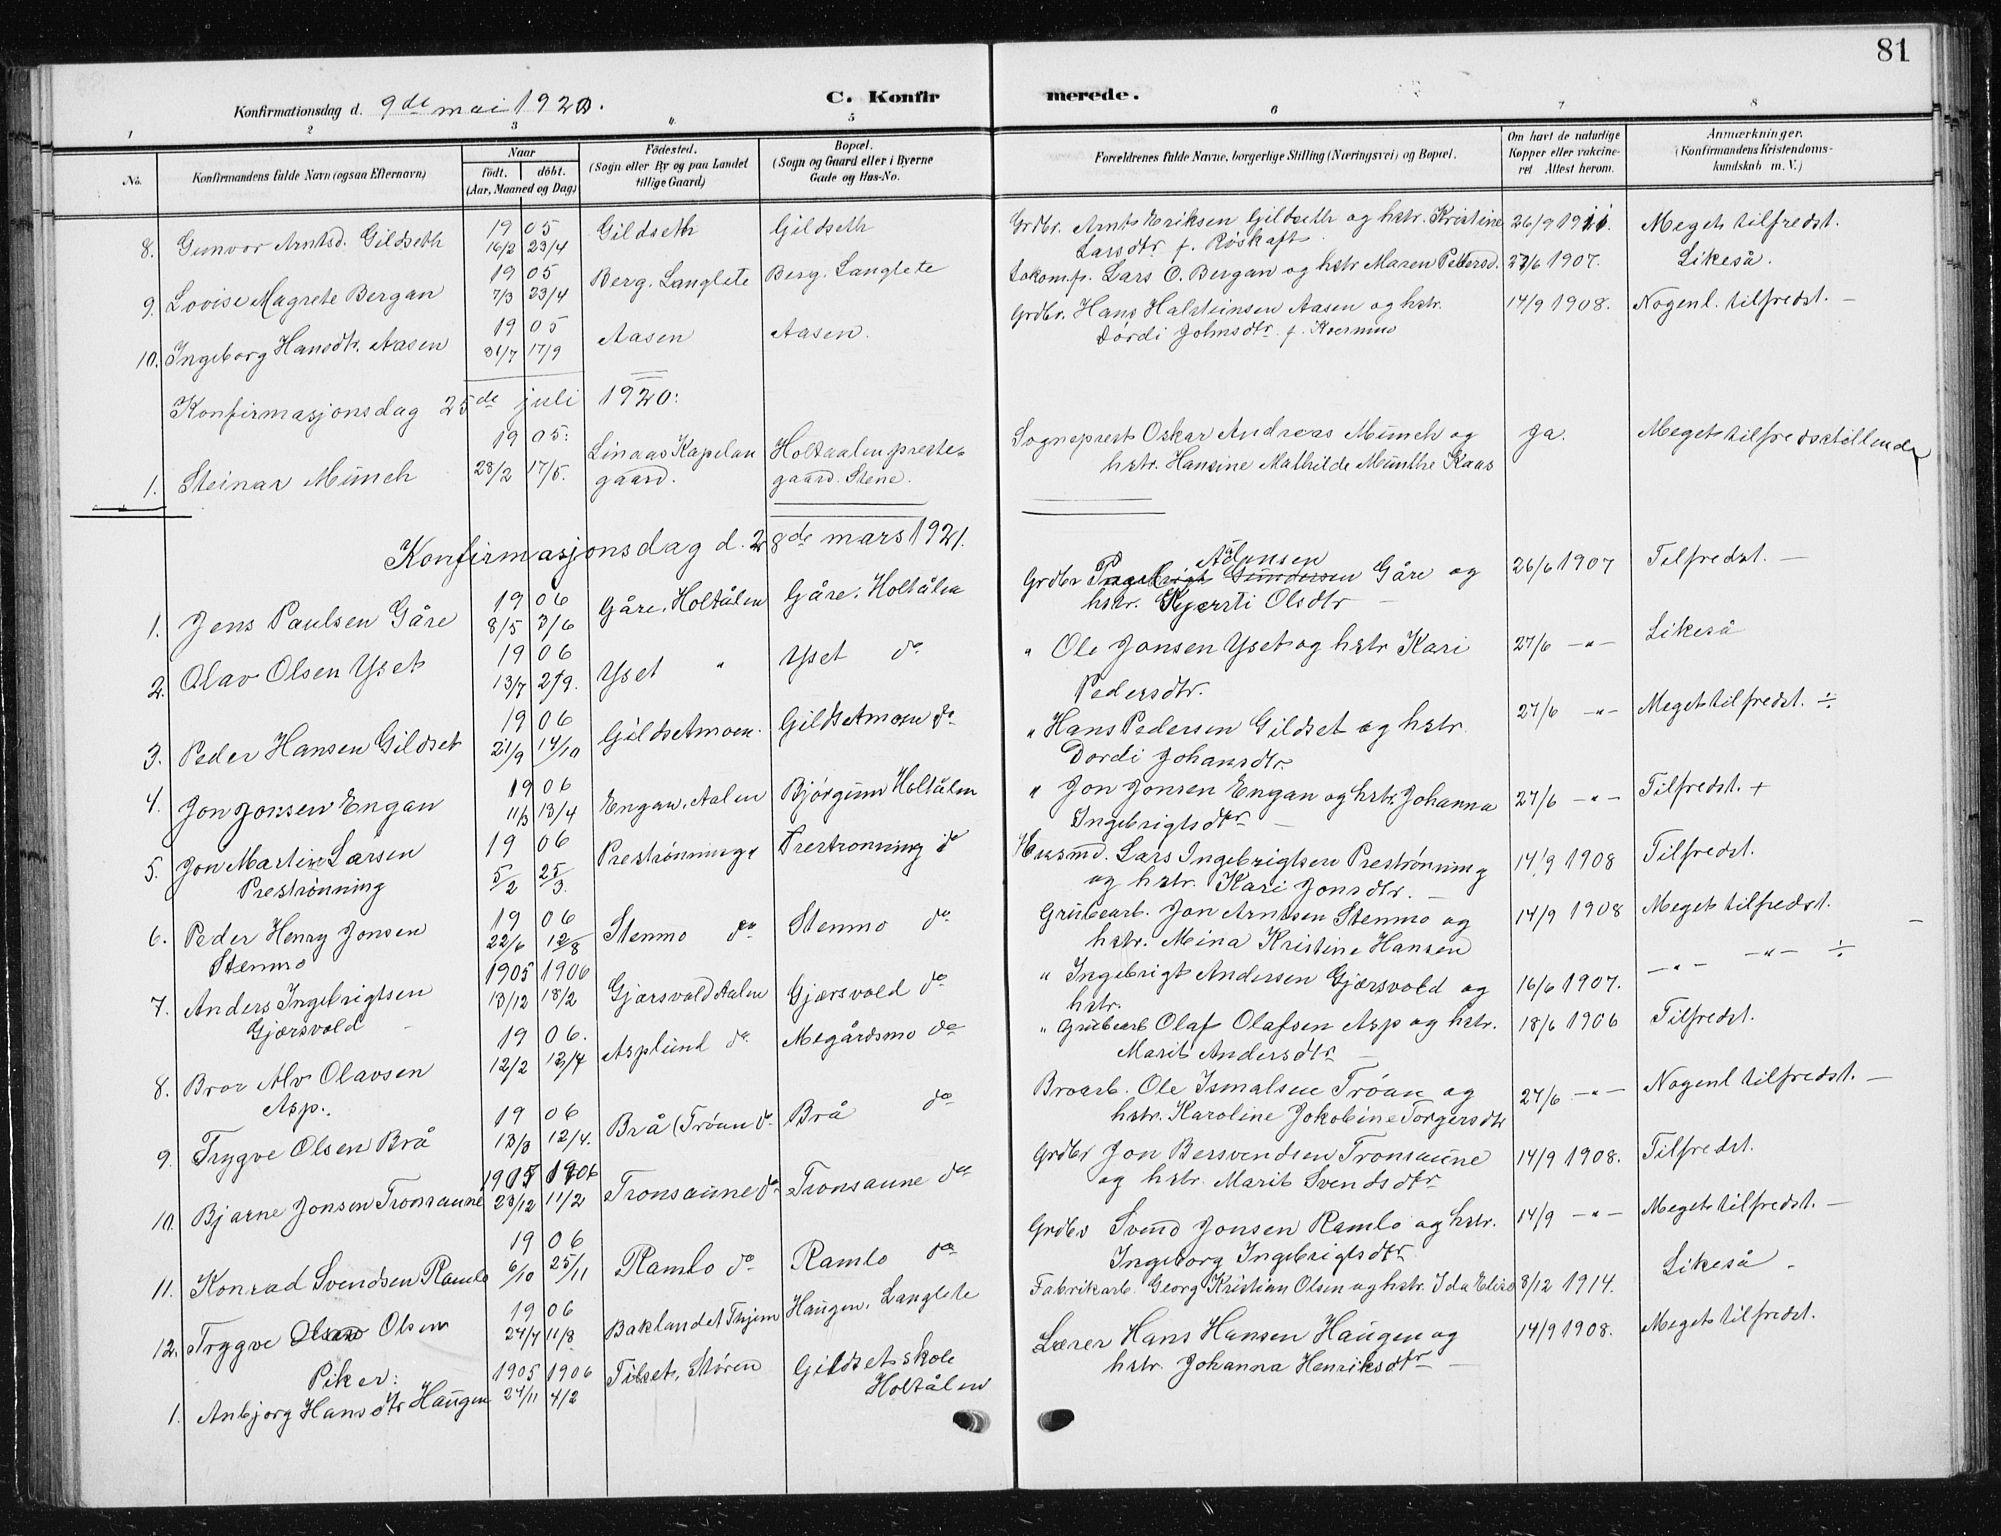 SAT, Ministerialprotokoller, klokkerbøker og fødselsregistre - Sør-Trøndelag, 685/L0979: Klokkerbok nr. 685C04, 1908-1933, s. 81